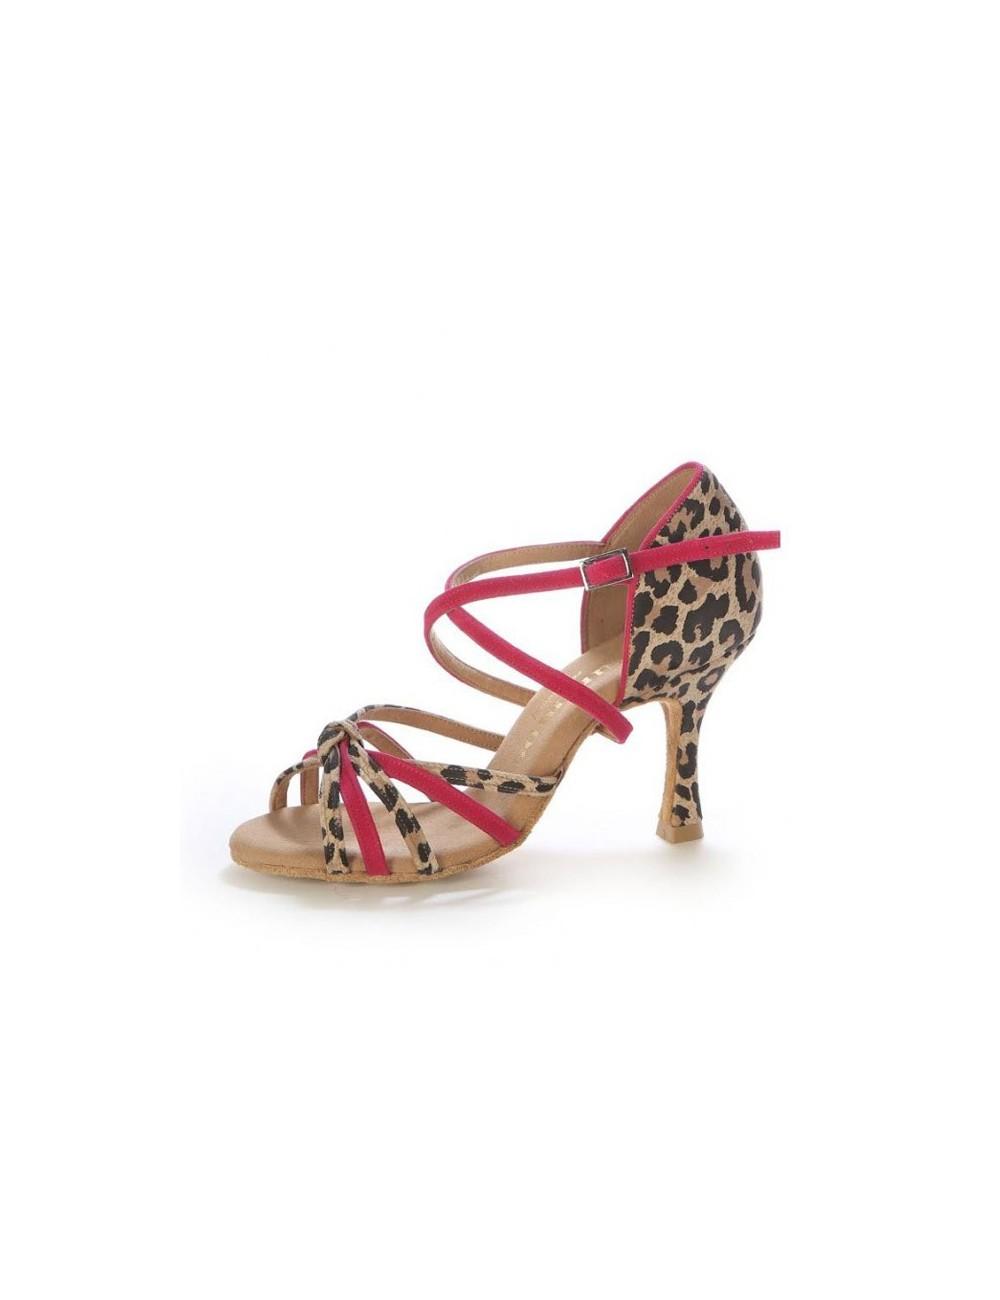 d31a9213 Carol Martinez Dance shoes tu tienda online de zapatos de bailes latinos  originales, un zapato de baile de salon de calidad, para bailar salsa ...